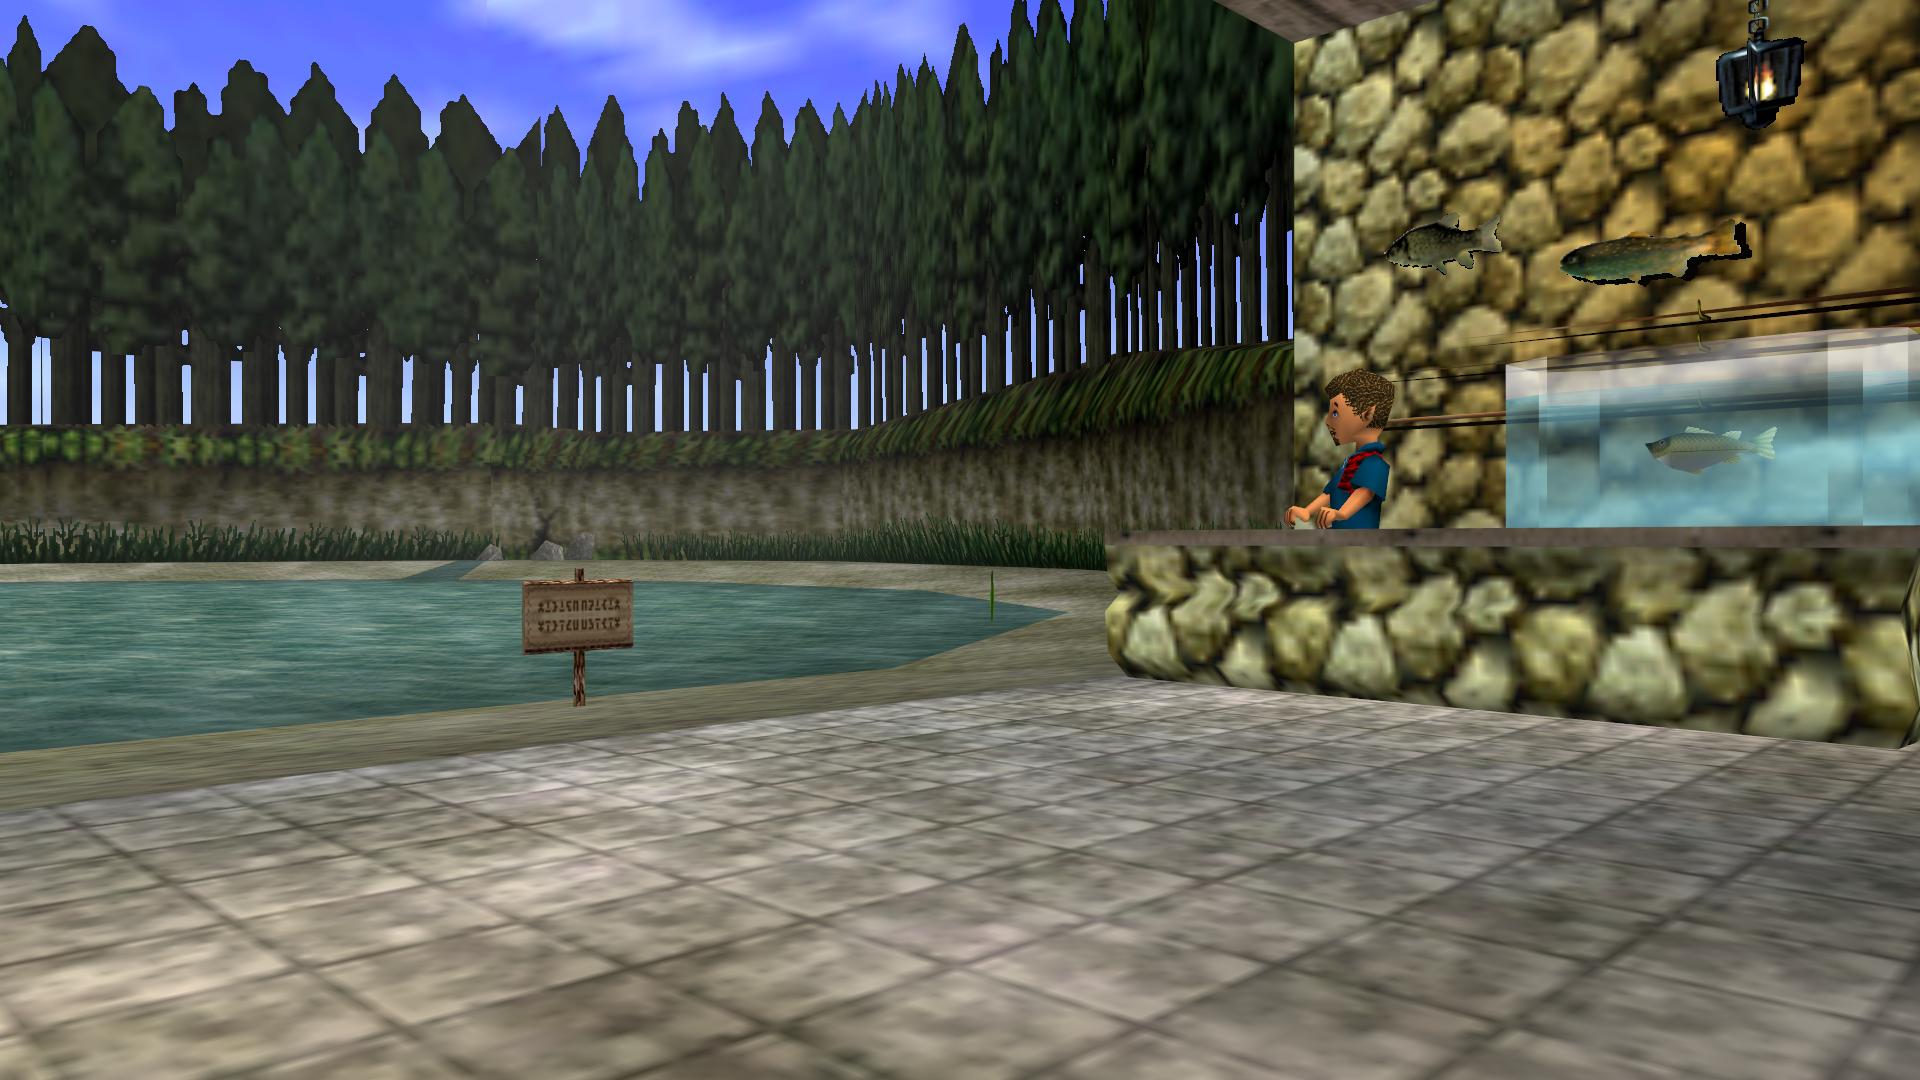 Fishing Pond Zeldapedia Fandom Powered By Wikia